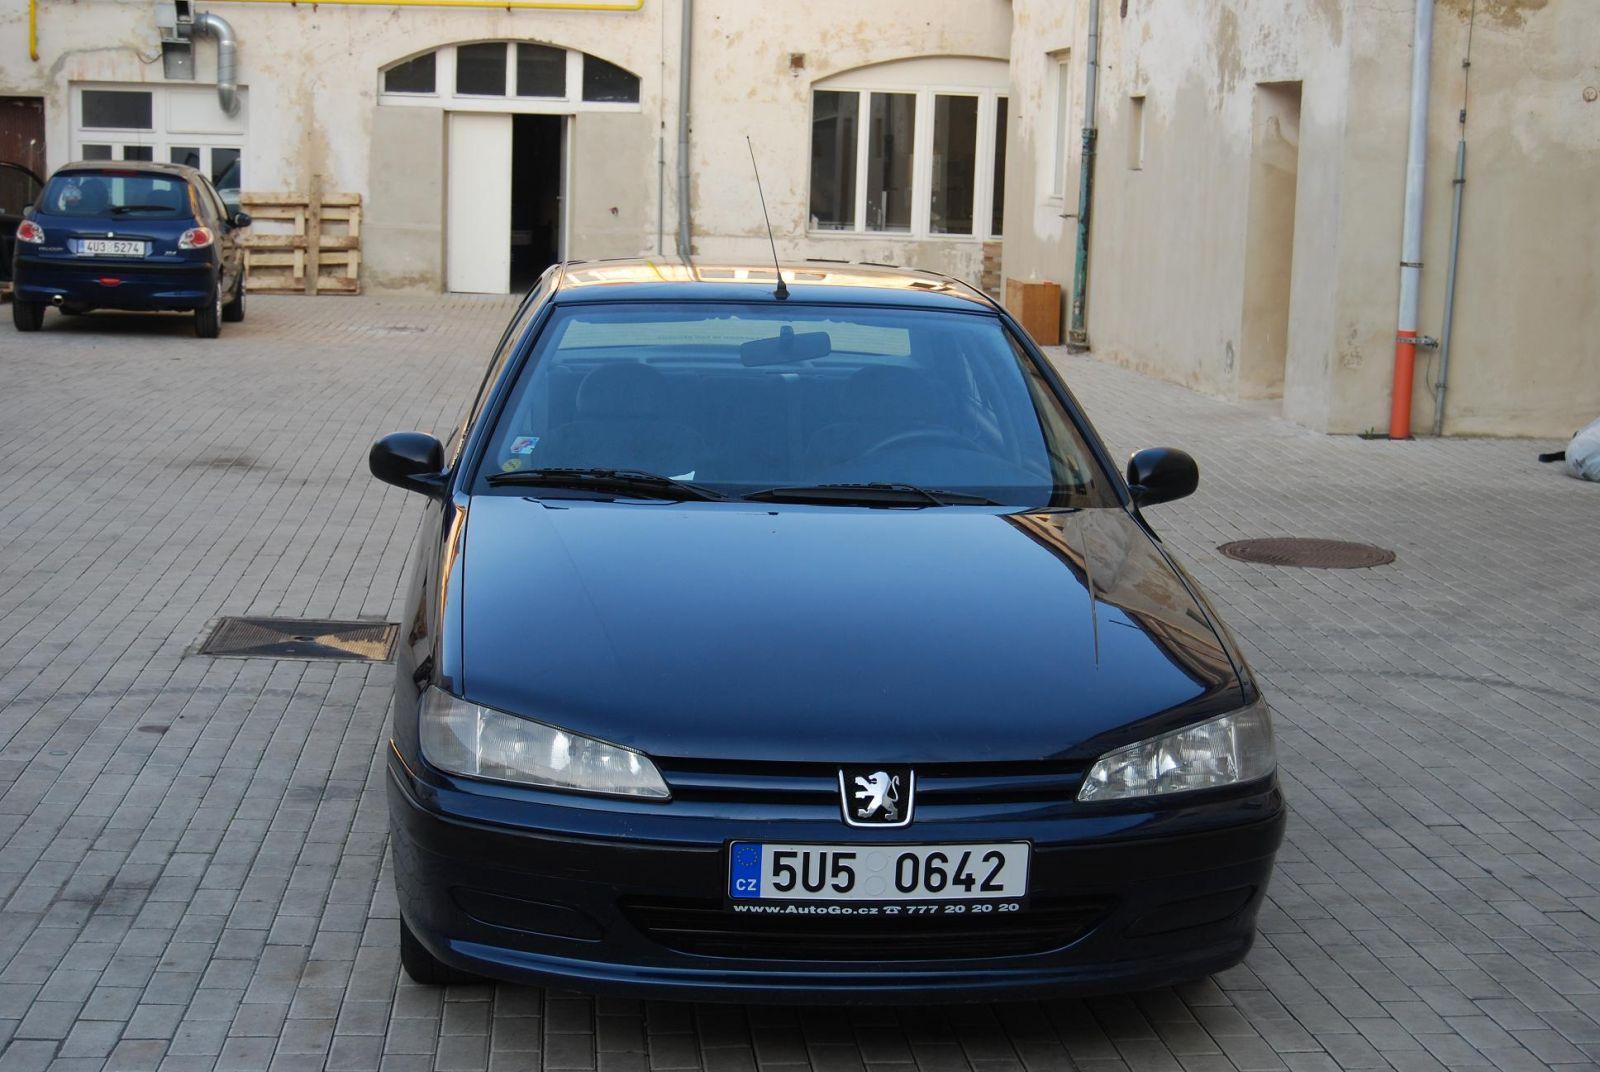 Bendy_- auta